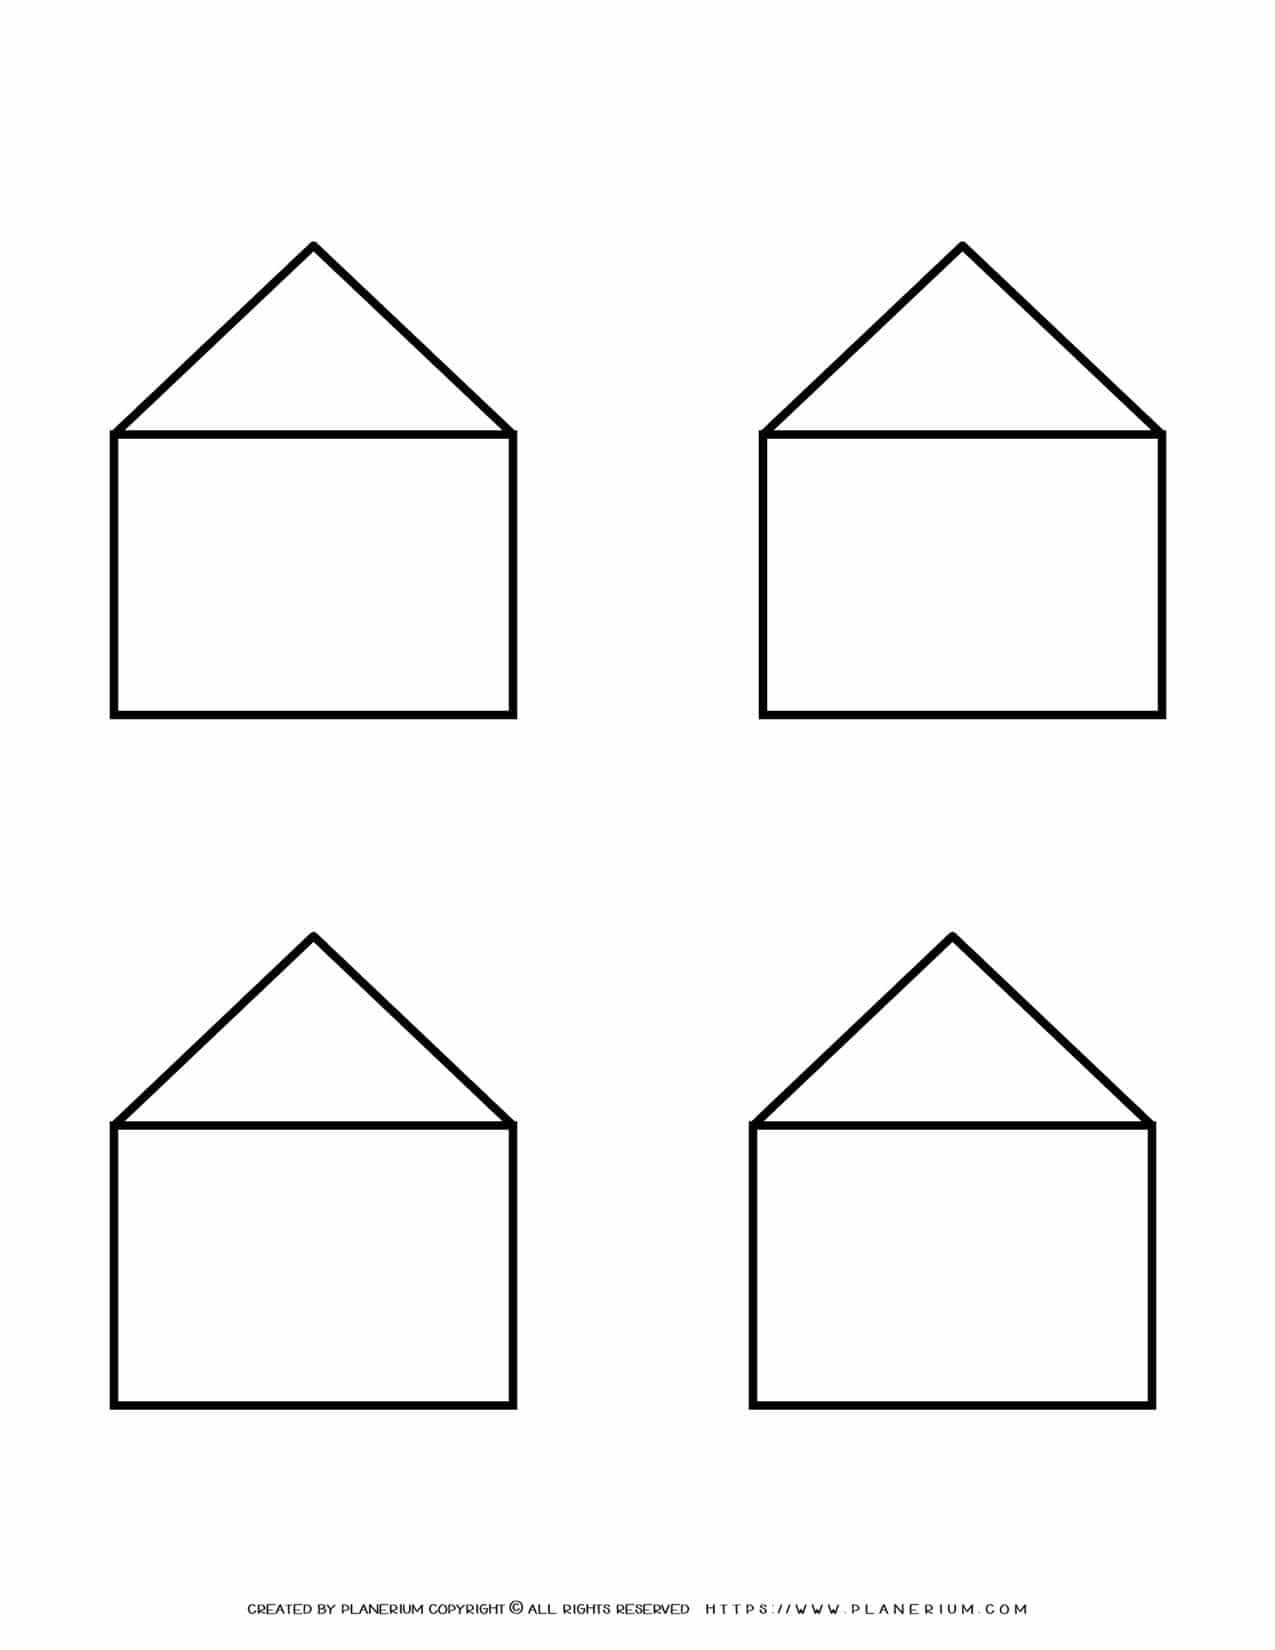 Templates - Four Houses Outline | Planerium